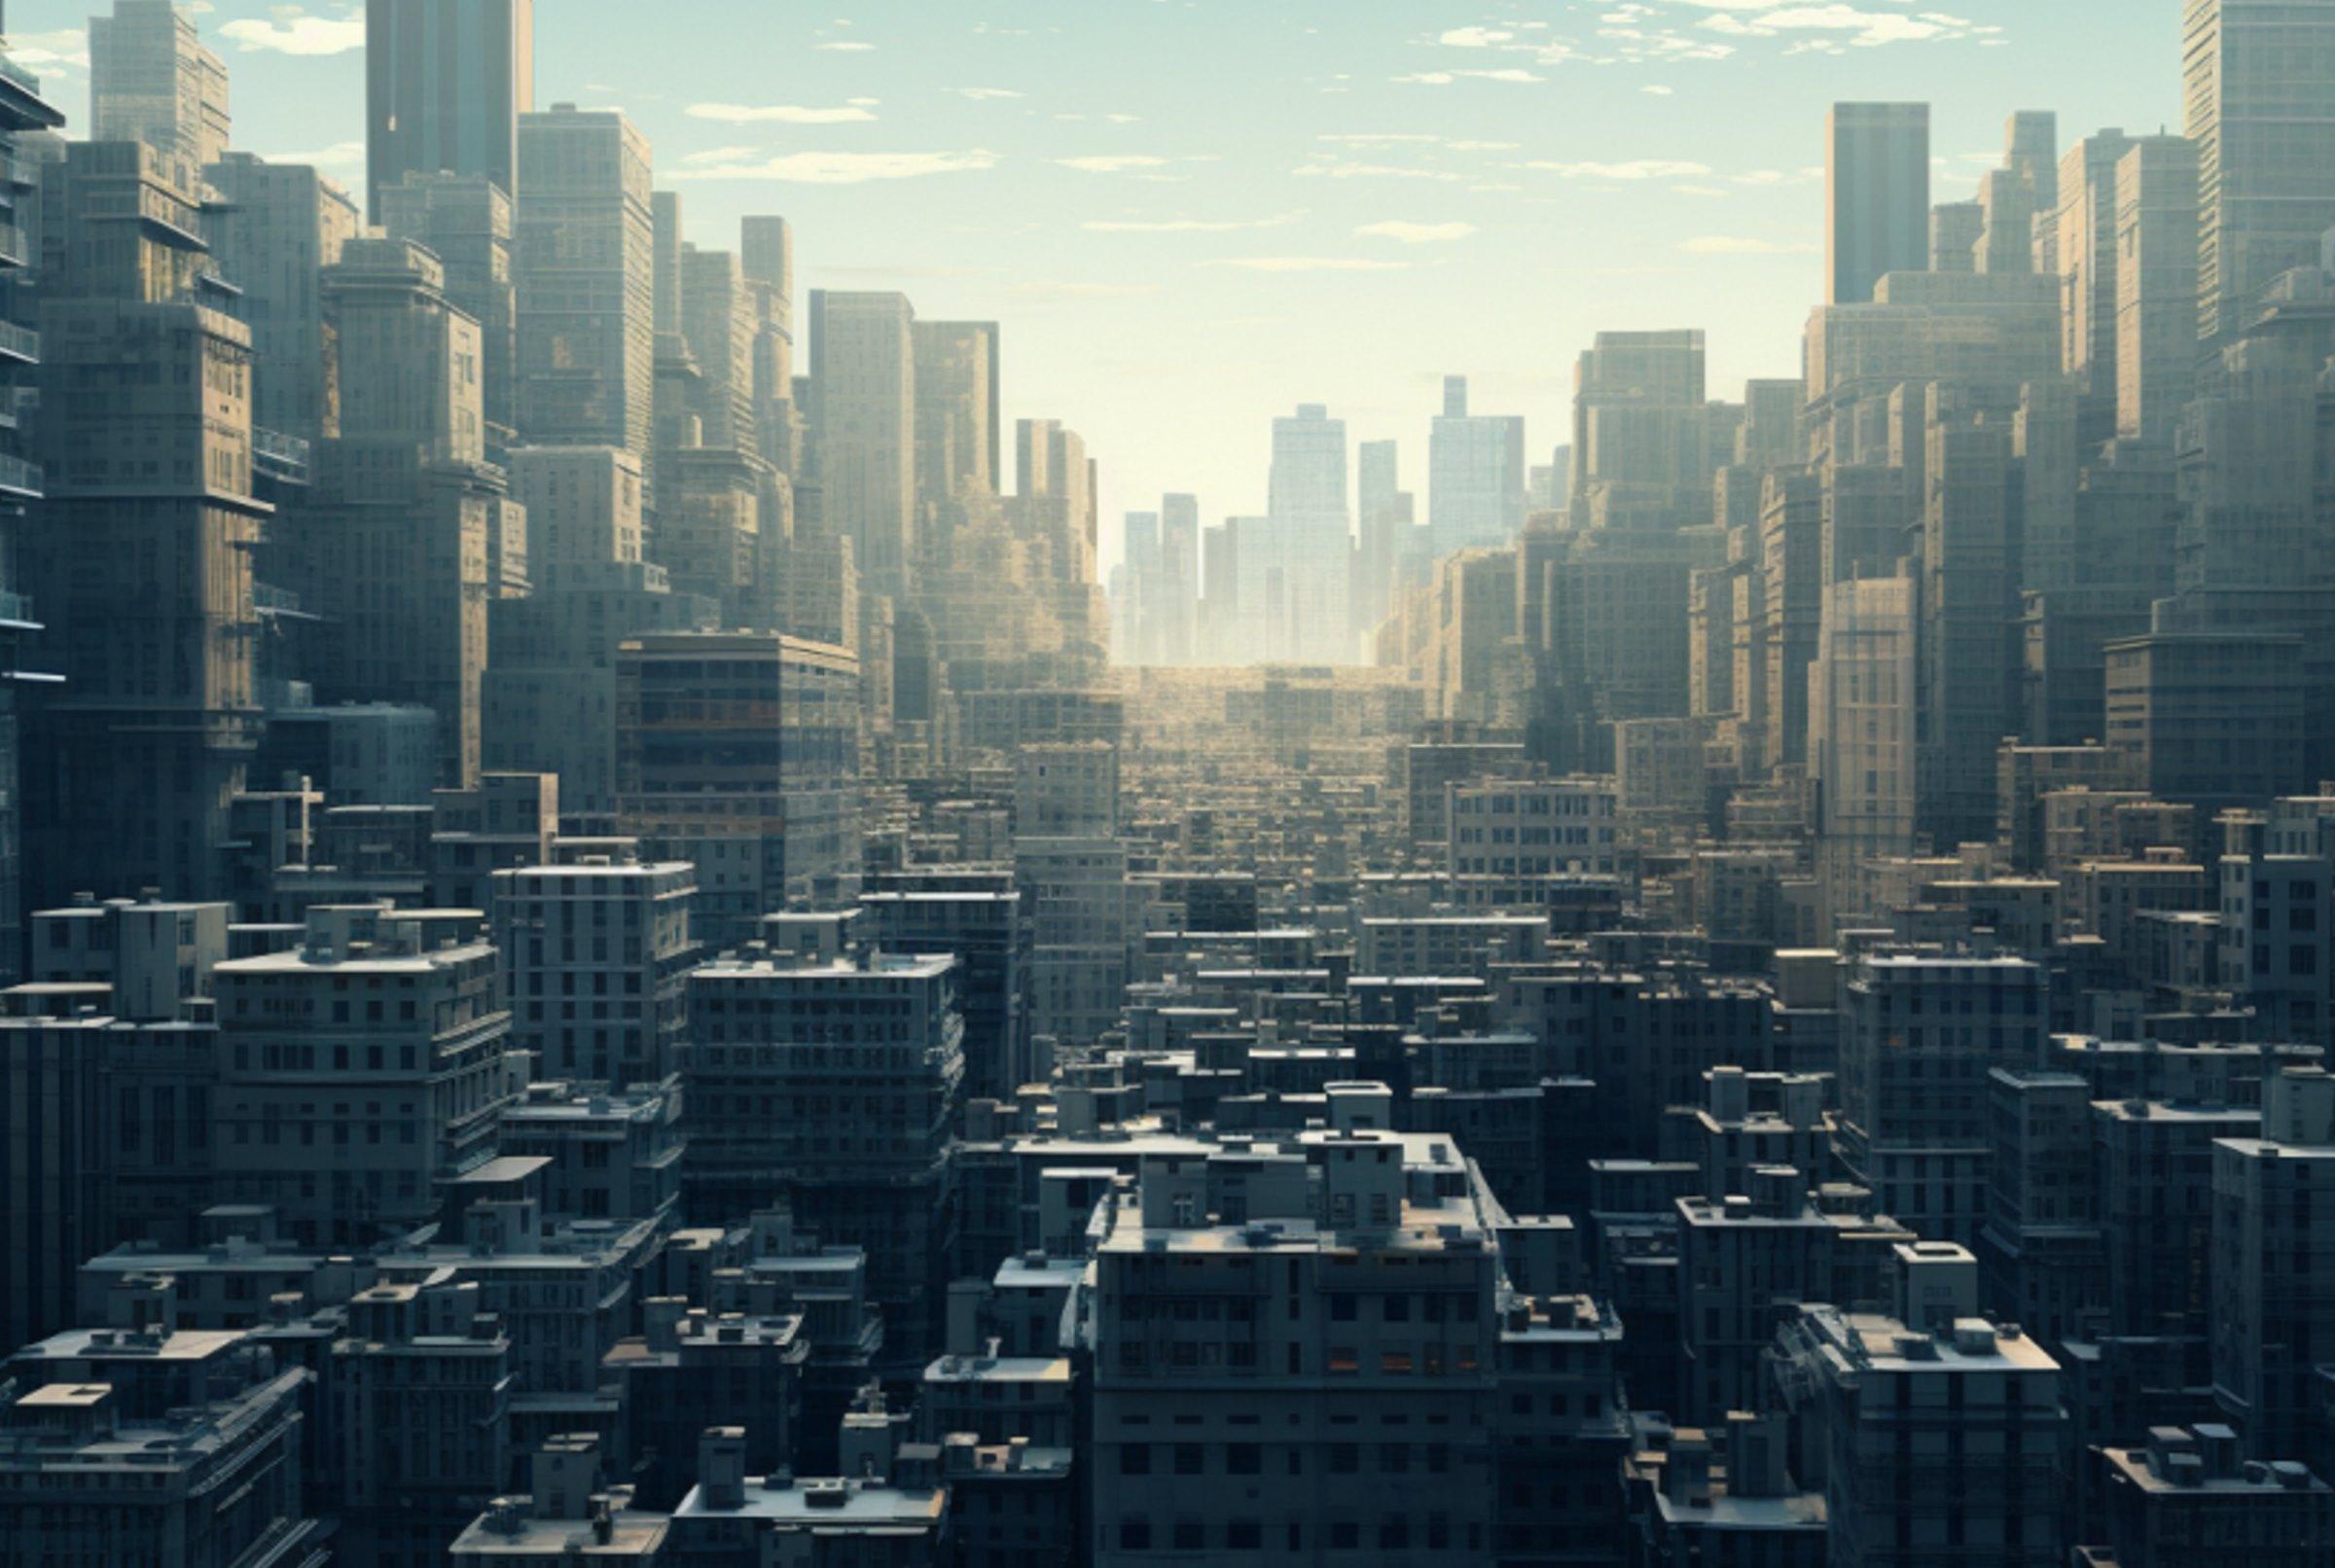 человек паук картинки про человека паука заклік васіля цяпінскага